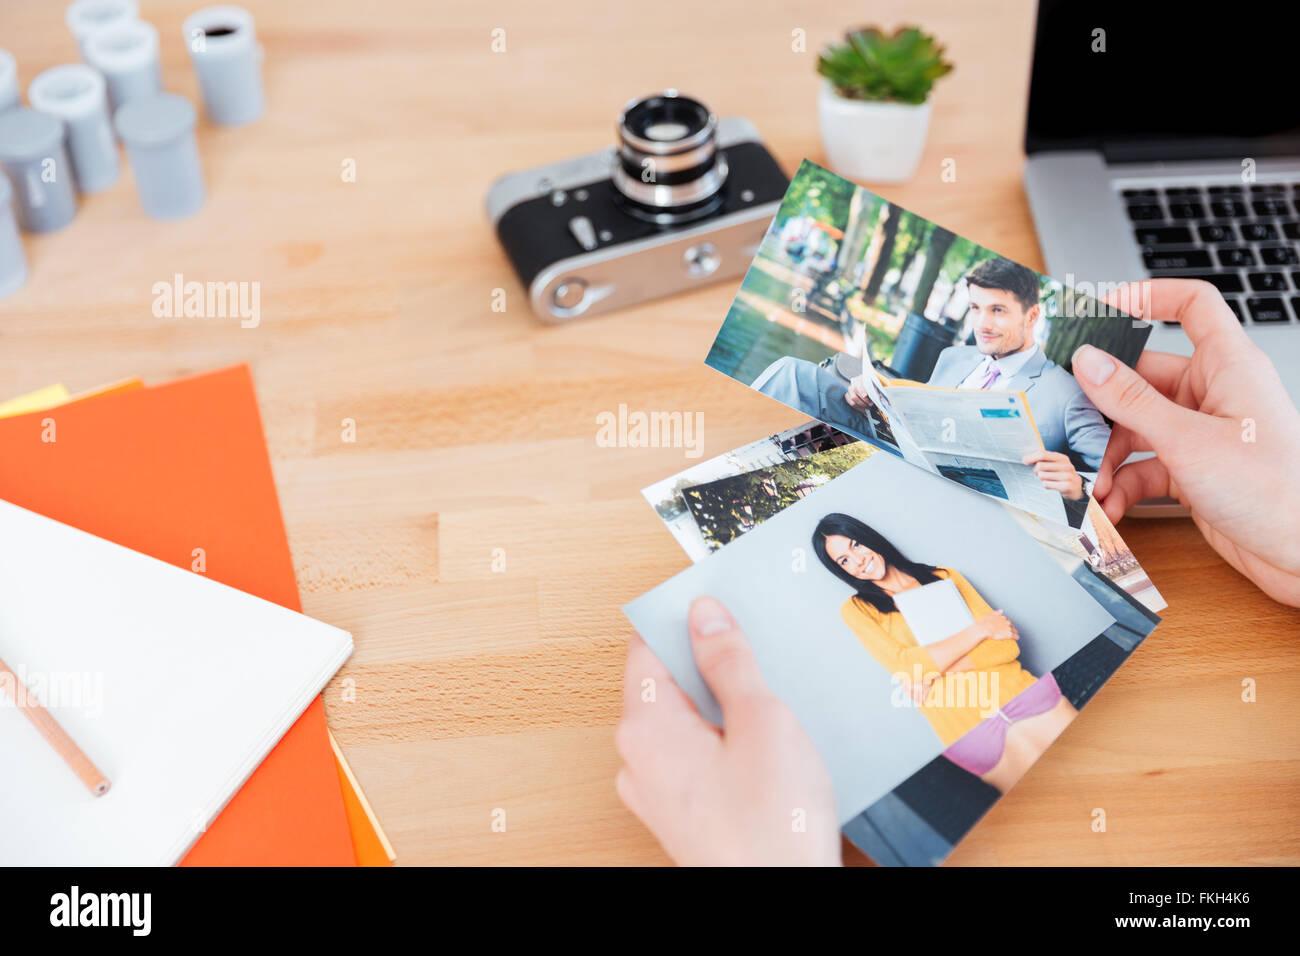 Vista superior de fotos de modelos mantenido por el joven fotógrafo en la tabla Imagen De Stock